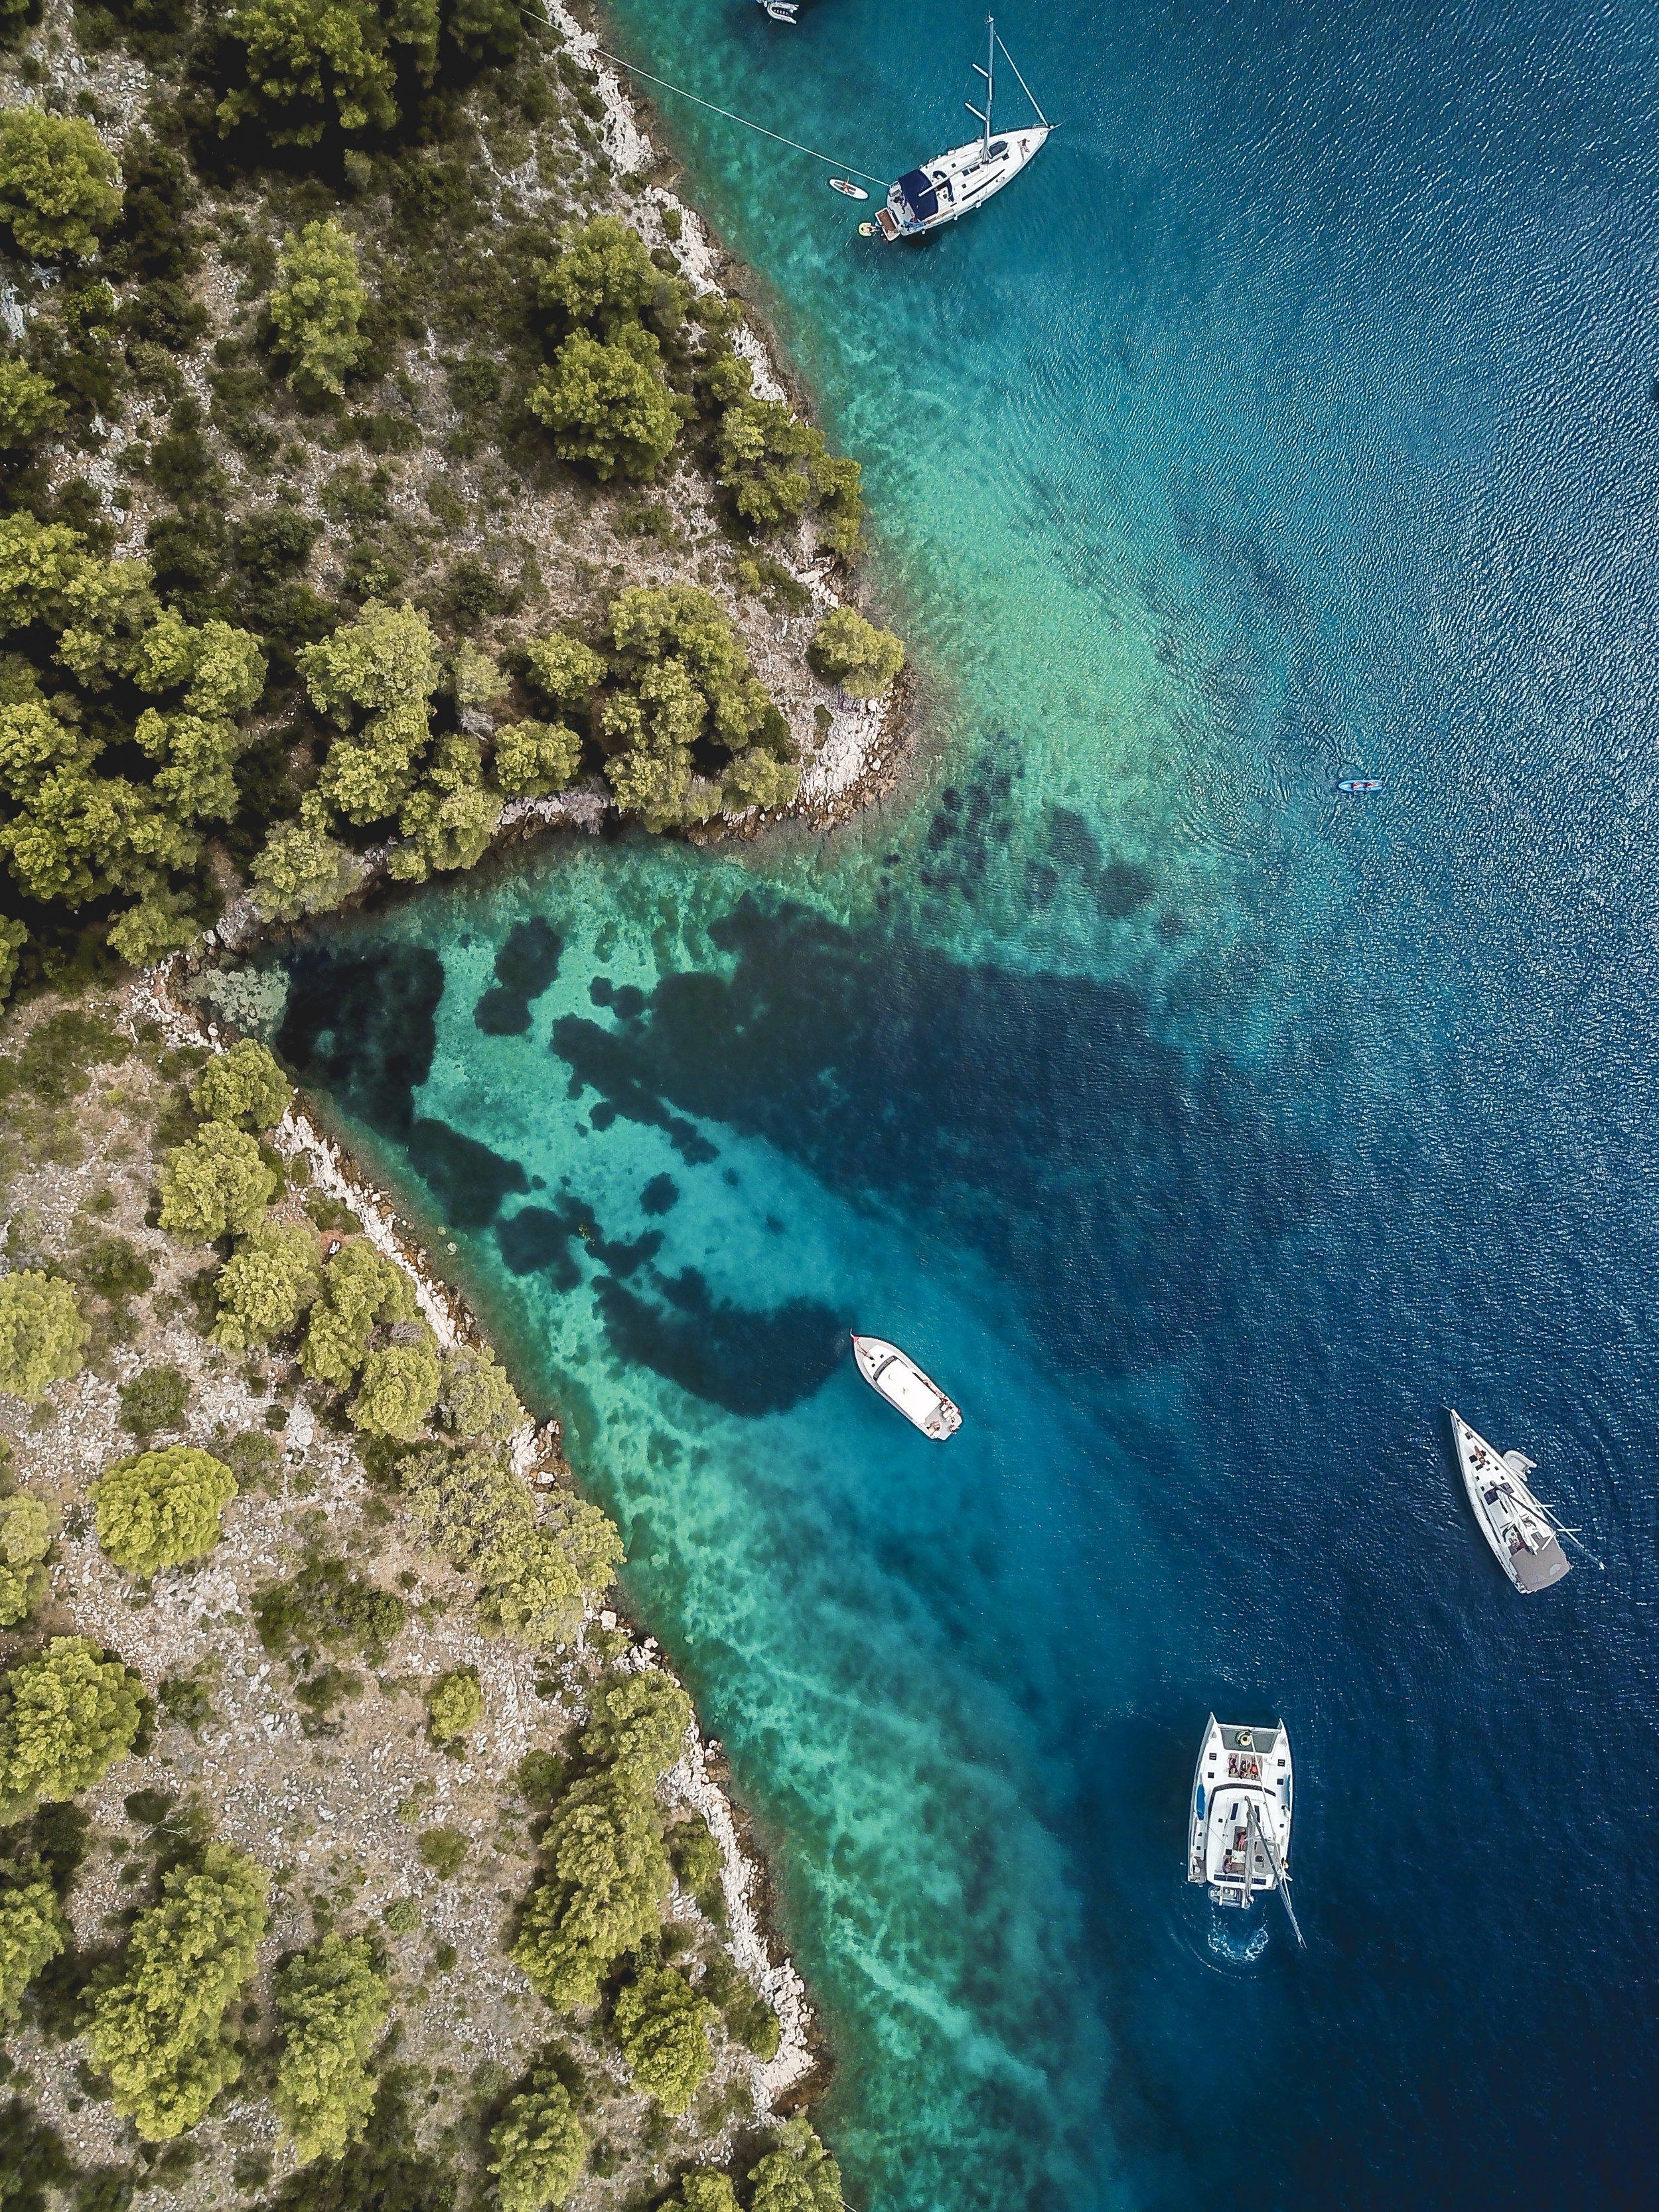 Sailweek Croatia - Tiha Bay - Stari Grad